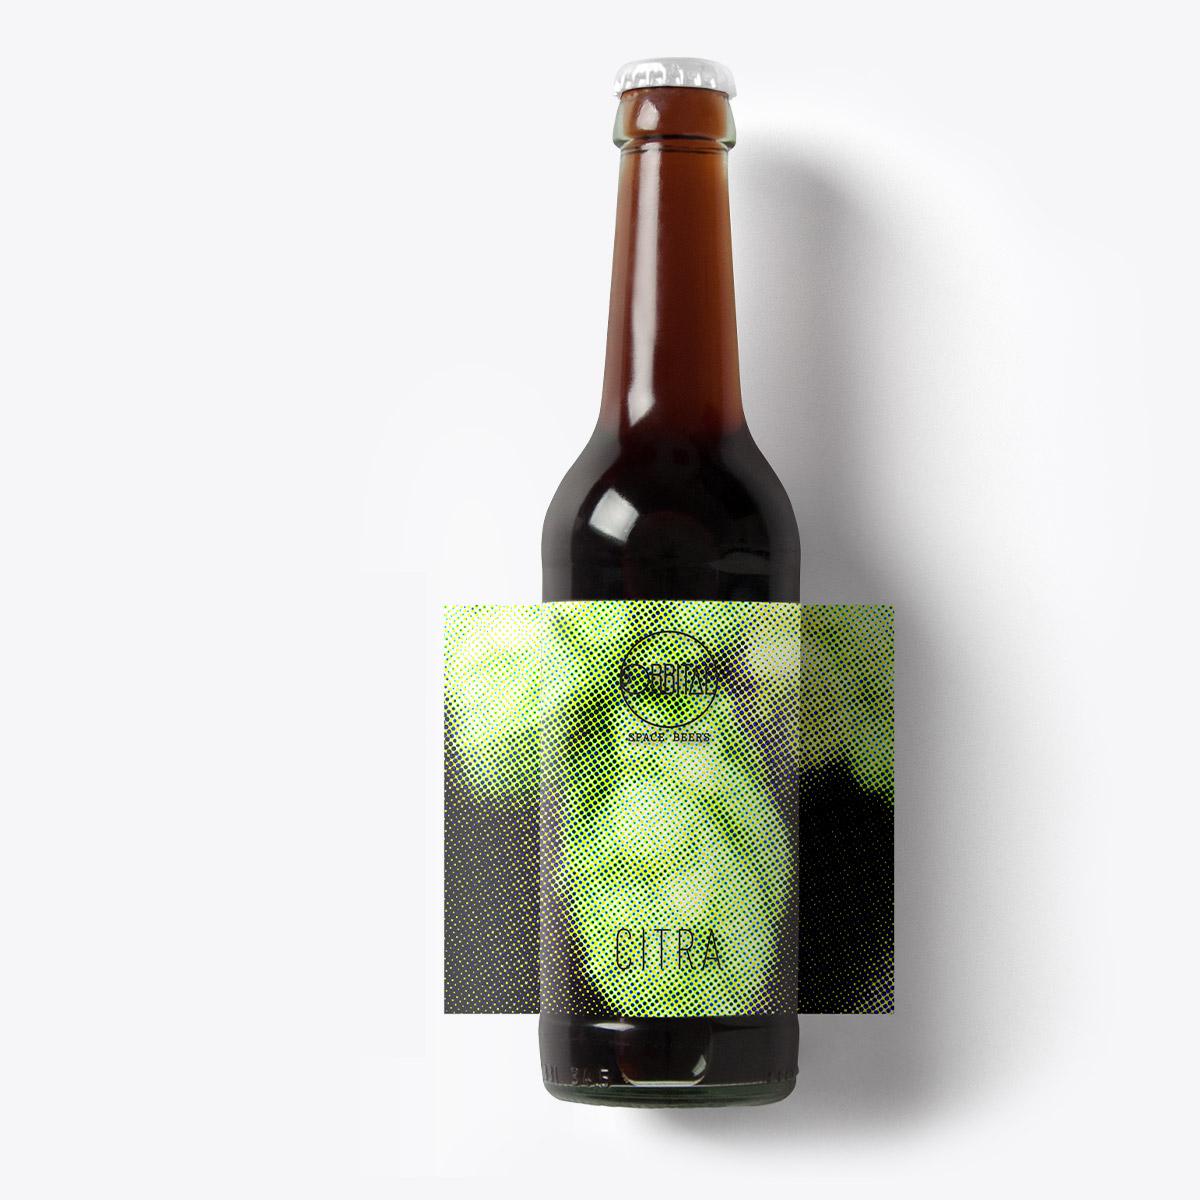 Orbital Space Beers - Neipa Citra